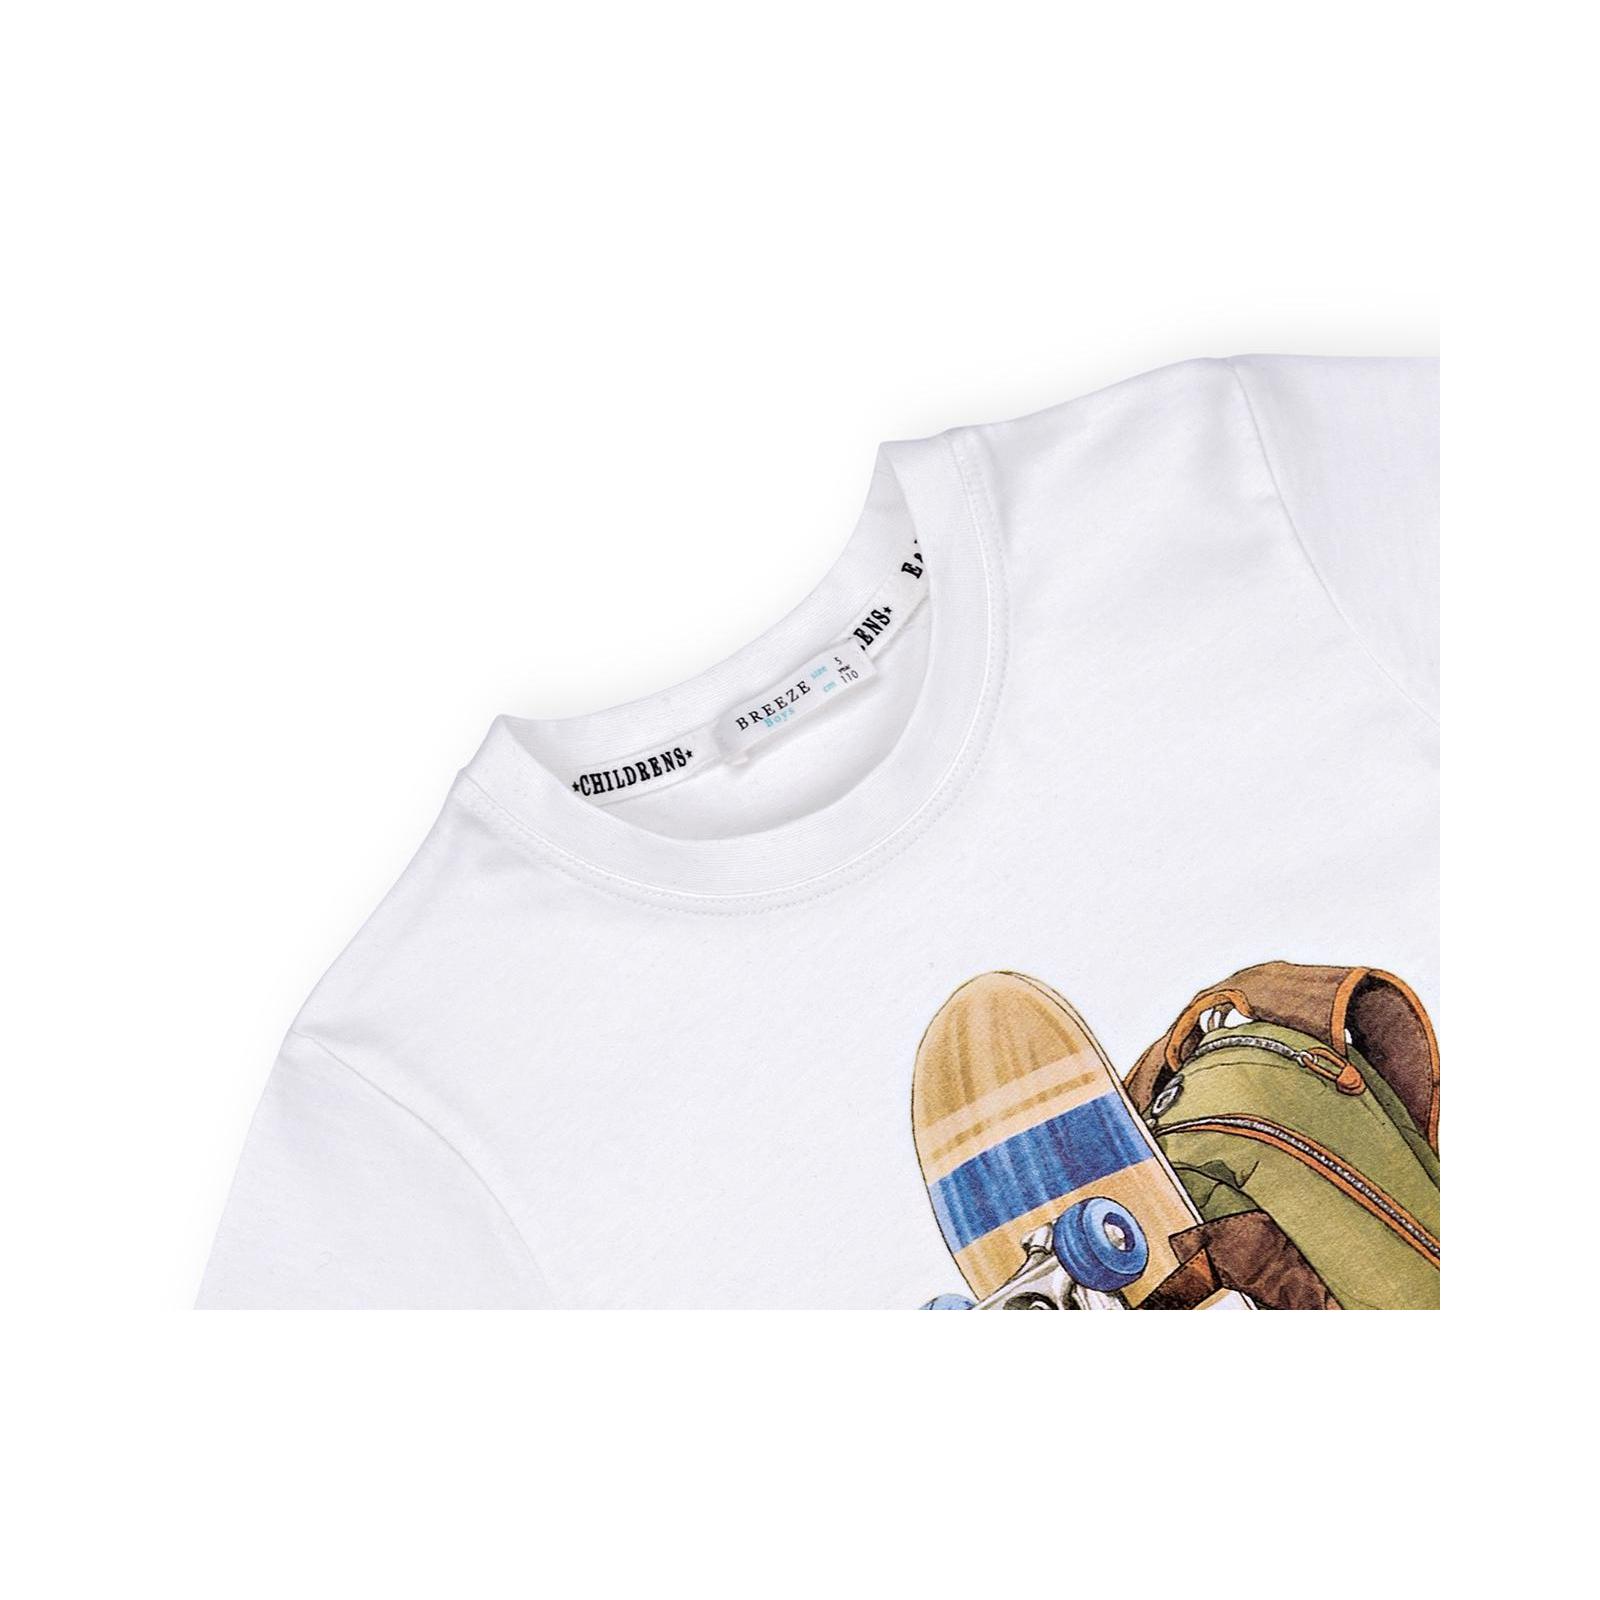 Футболка детская Breeze со скейтом (11126-140B-white) изображение 3